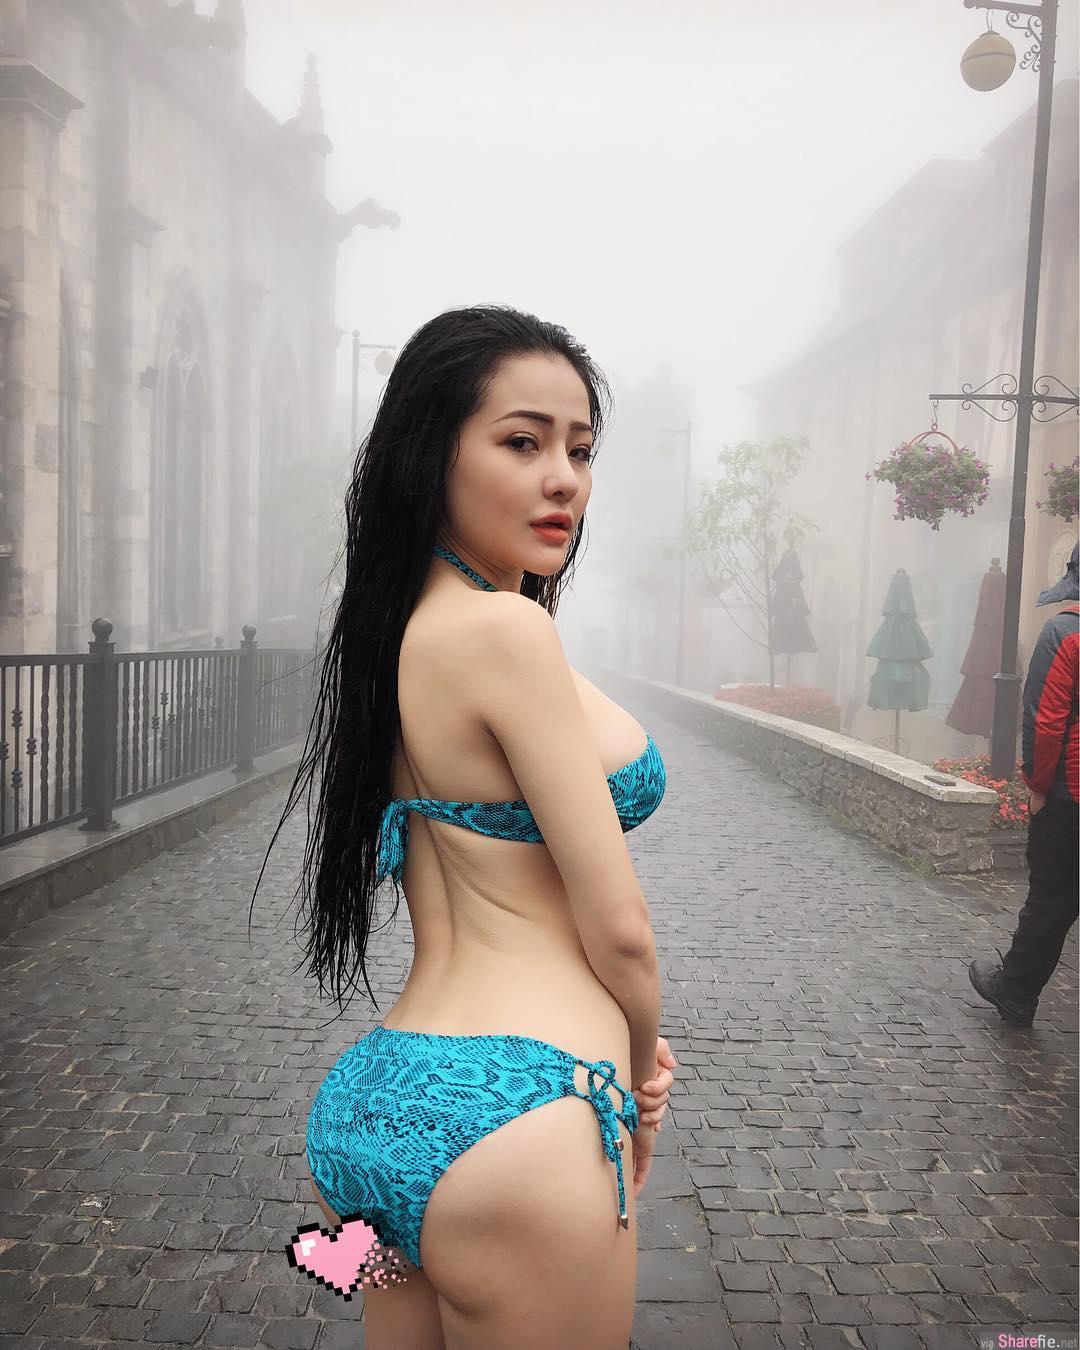 越南网红奶妹,乳不惊人誓不休